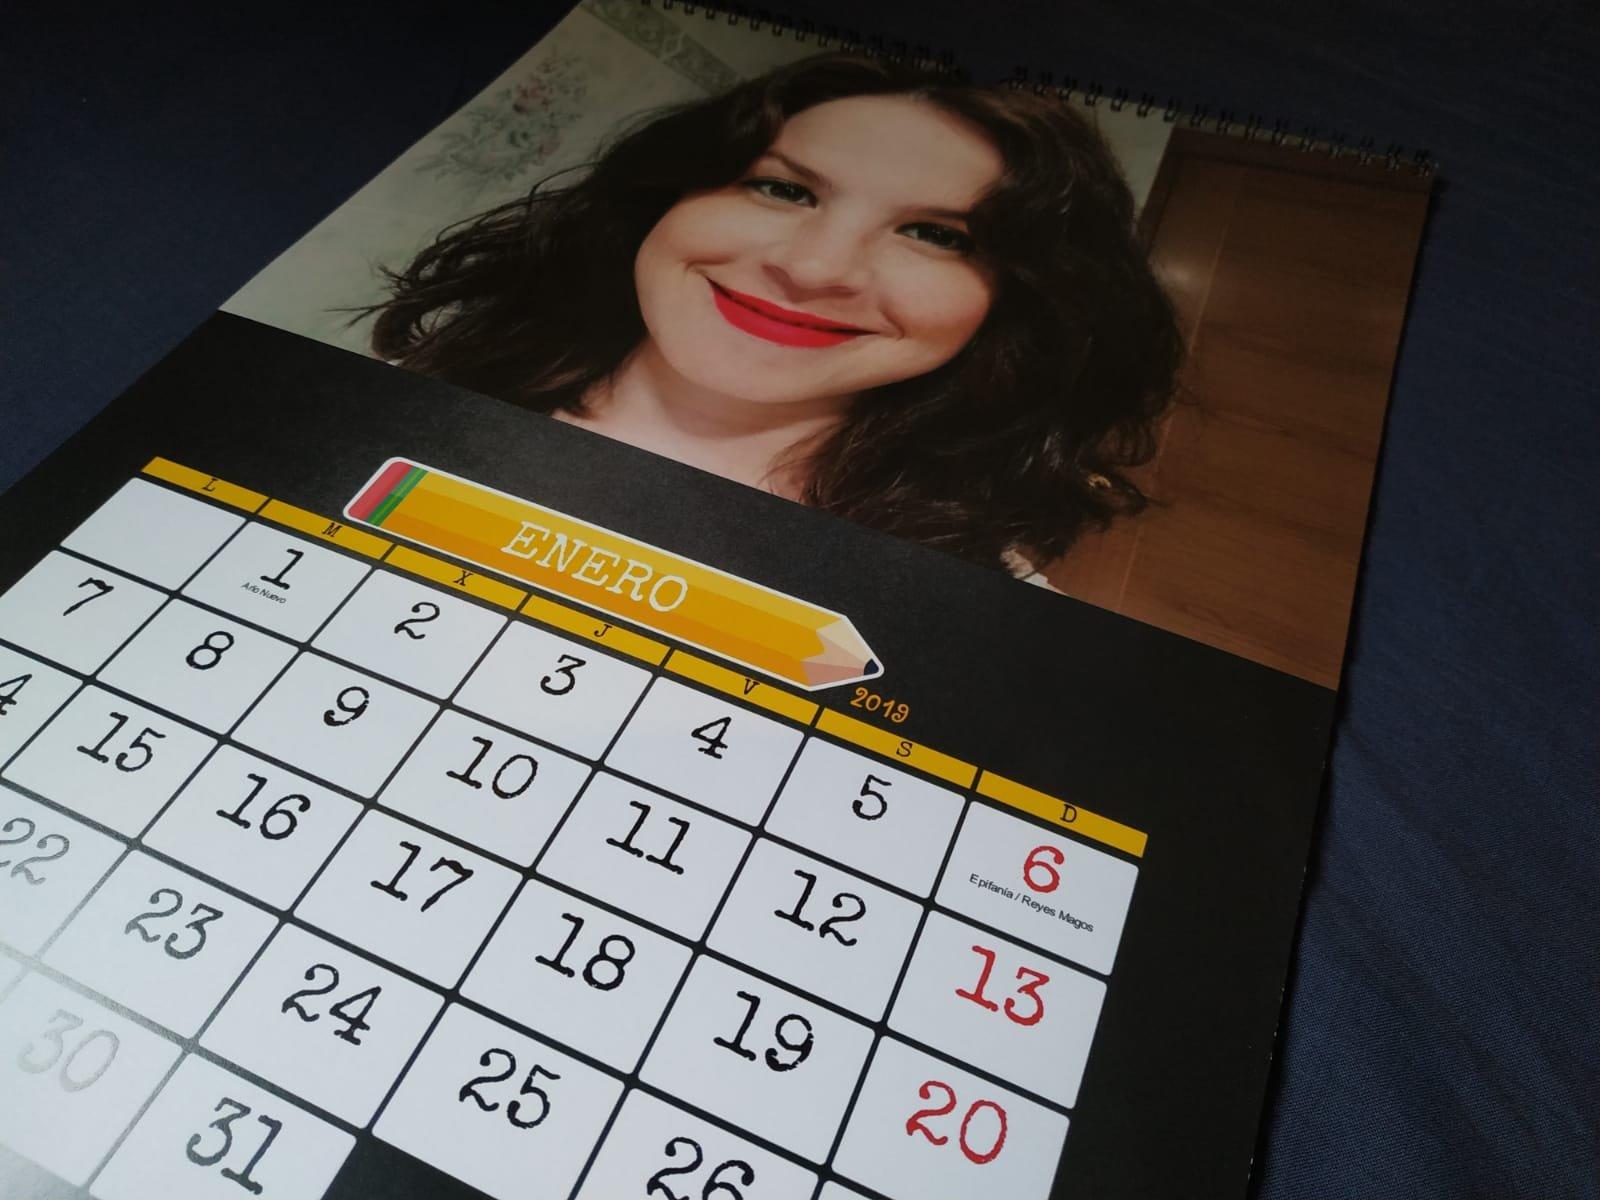 img 20181202 wa00411039027596 - Regala Calendarios Personalizados. Con descuentazo!